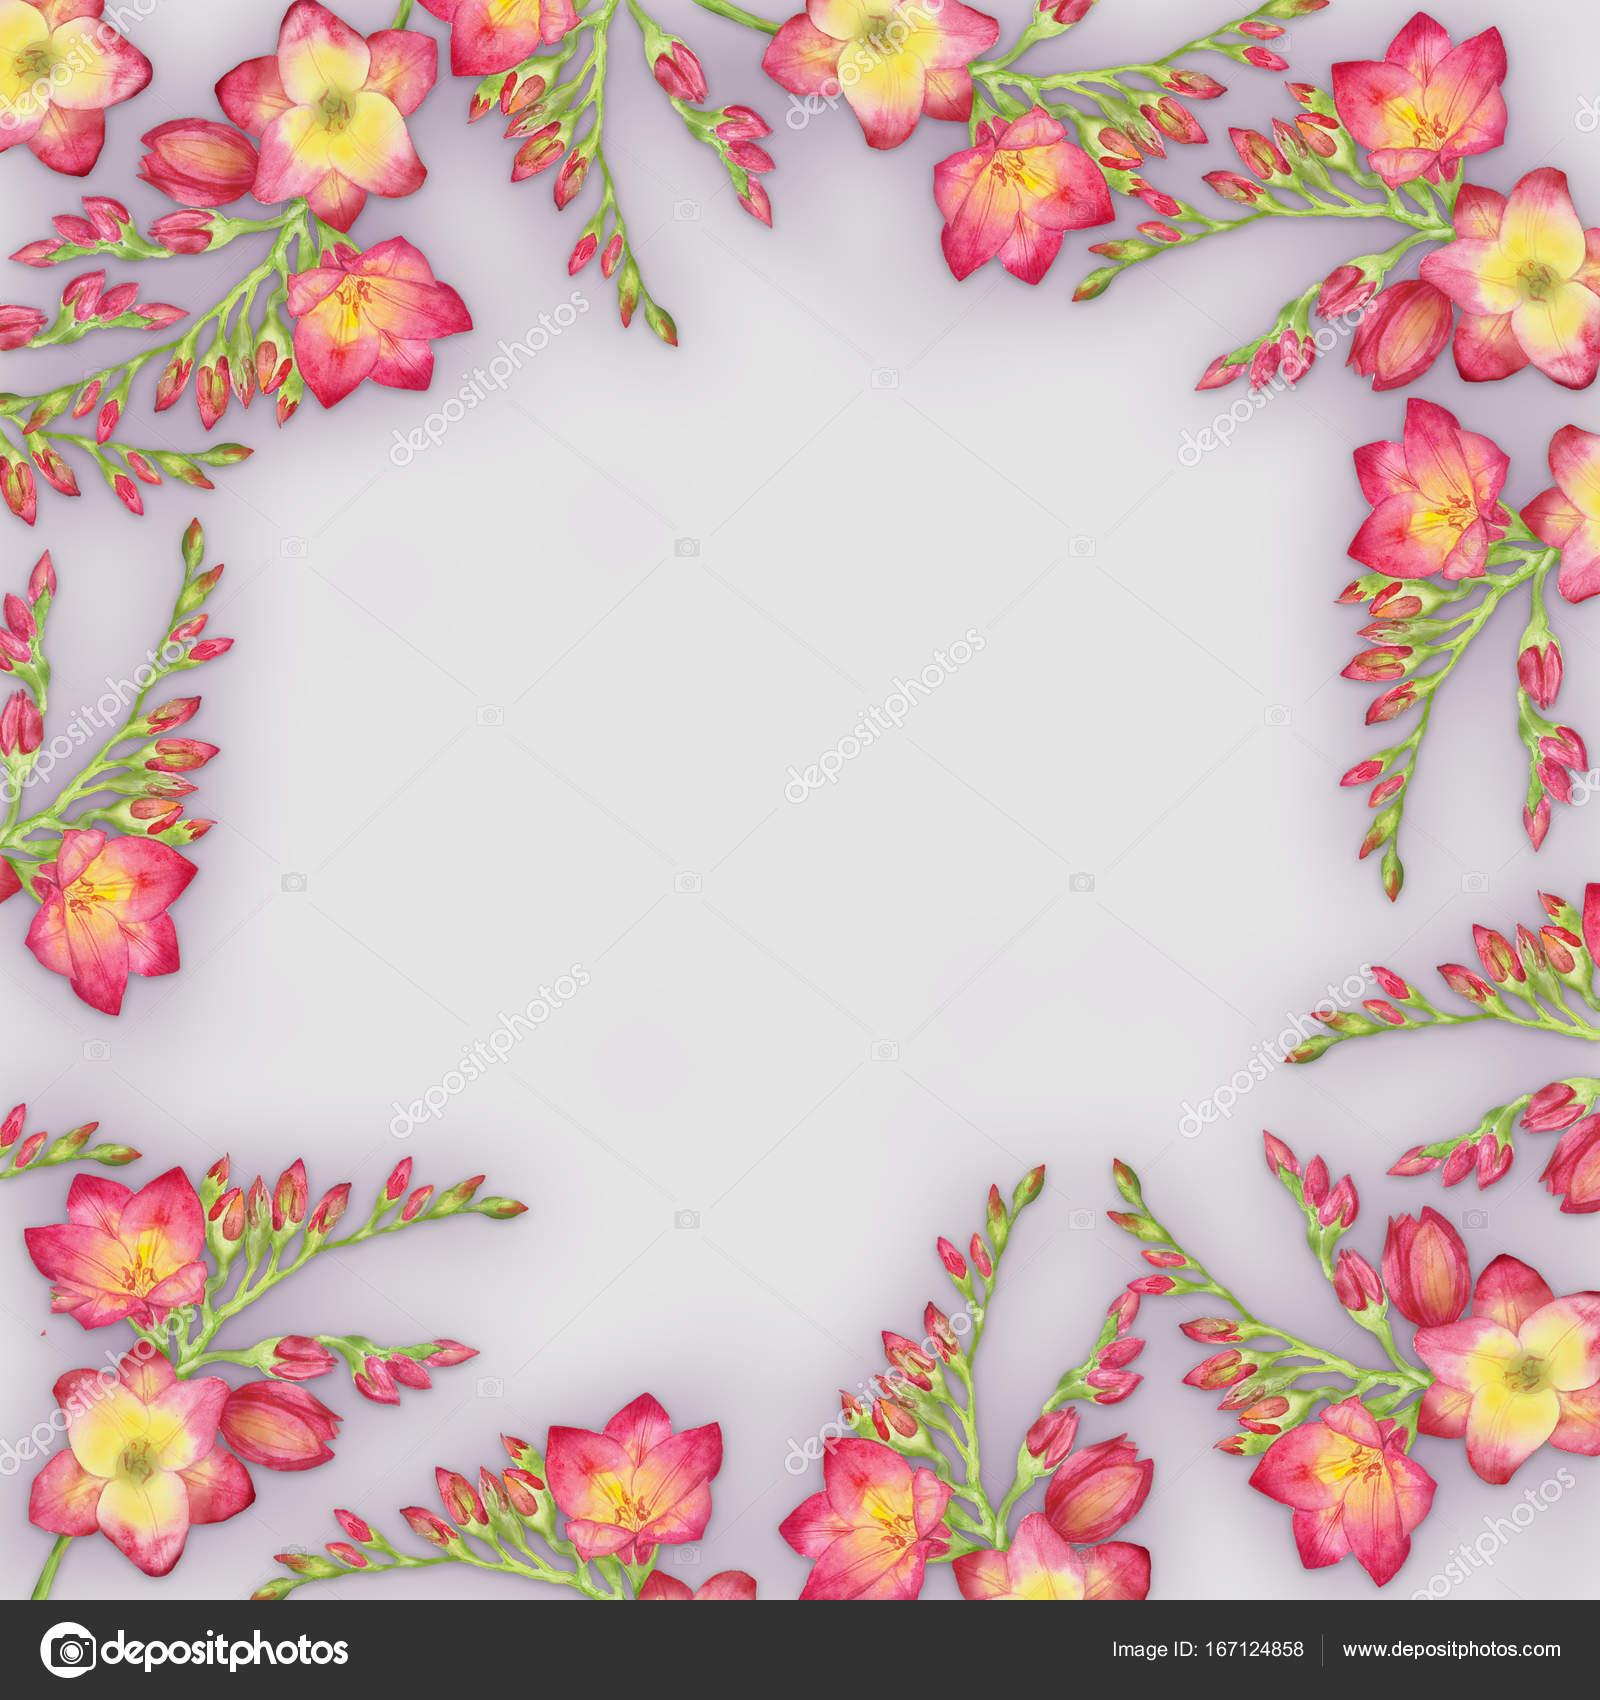 Цветы на авито в йошкар-оле